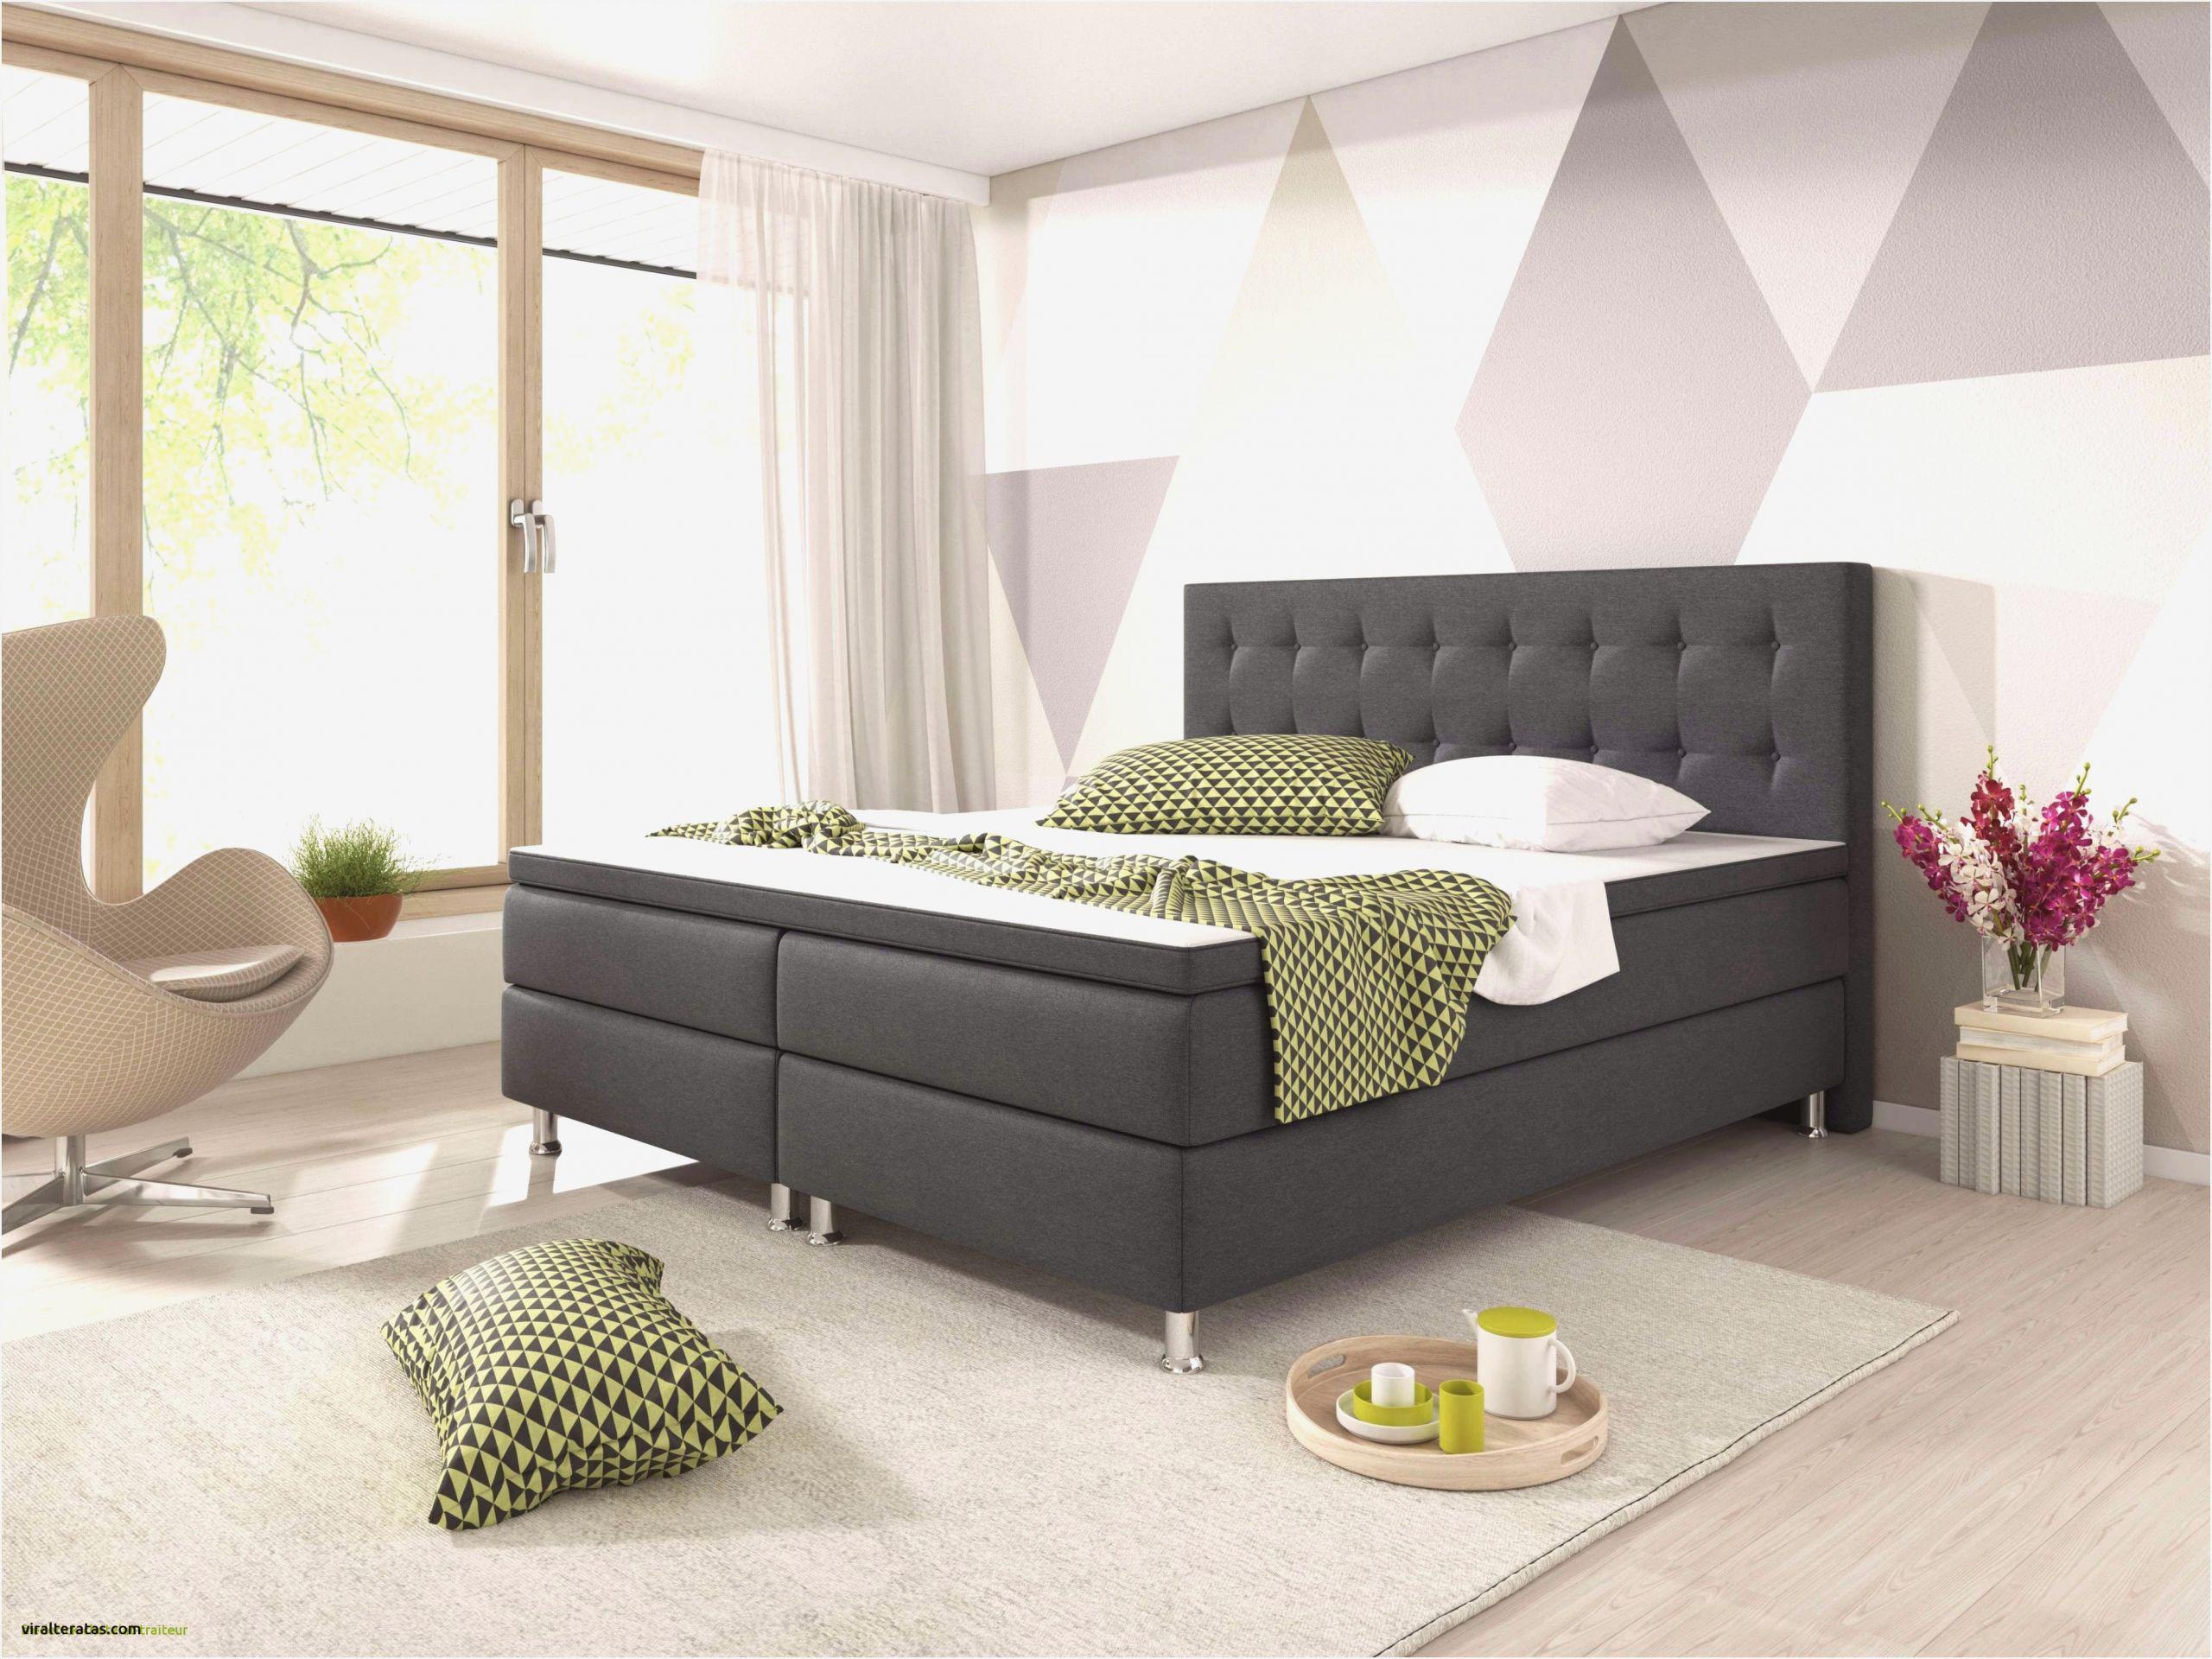 Full Size of Vorhnge Esszimmer Ikea Traumhaus Dekoration Dwg4kmn32x Modulküche Küche Kosten Wohnzimmer Vorhänge Schlafzimmer Betten Bei Sofa Mit Schlaffunktion Kaufen Wohnzimmer Vorhänge Ikea